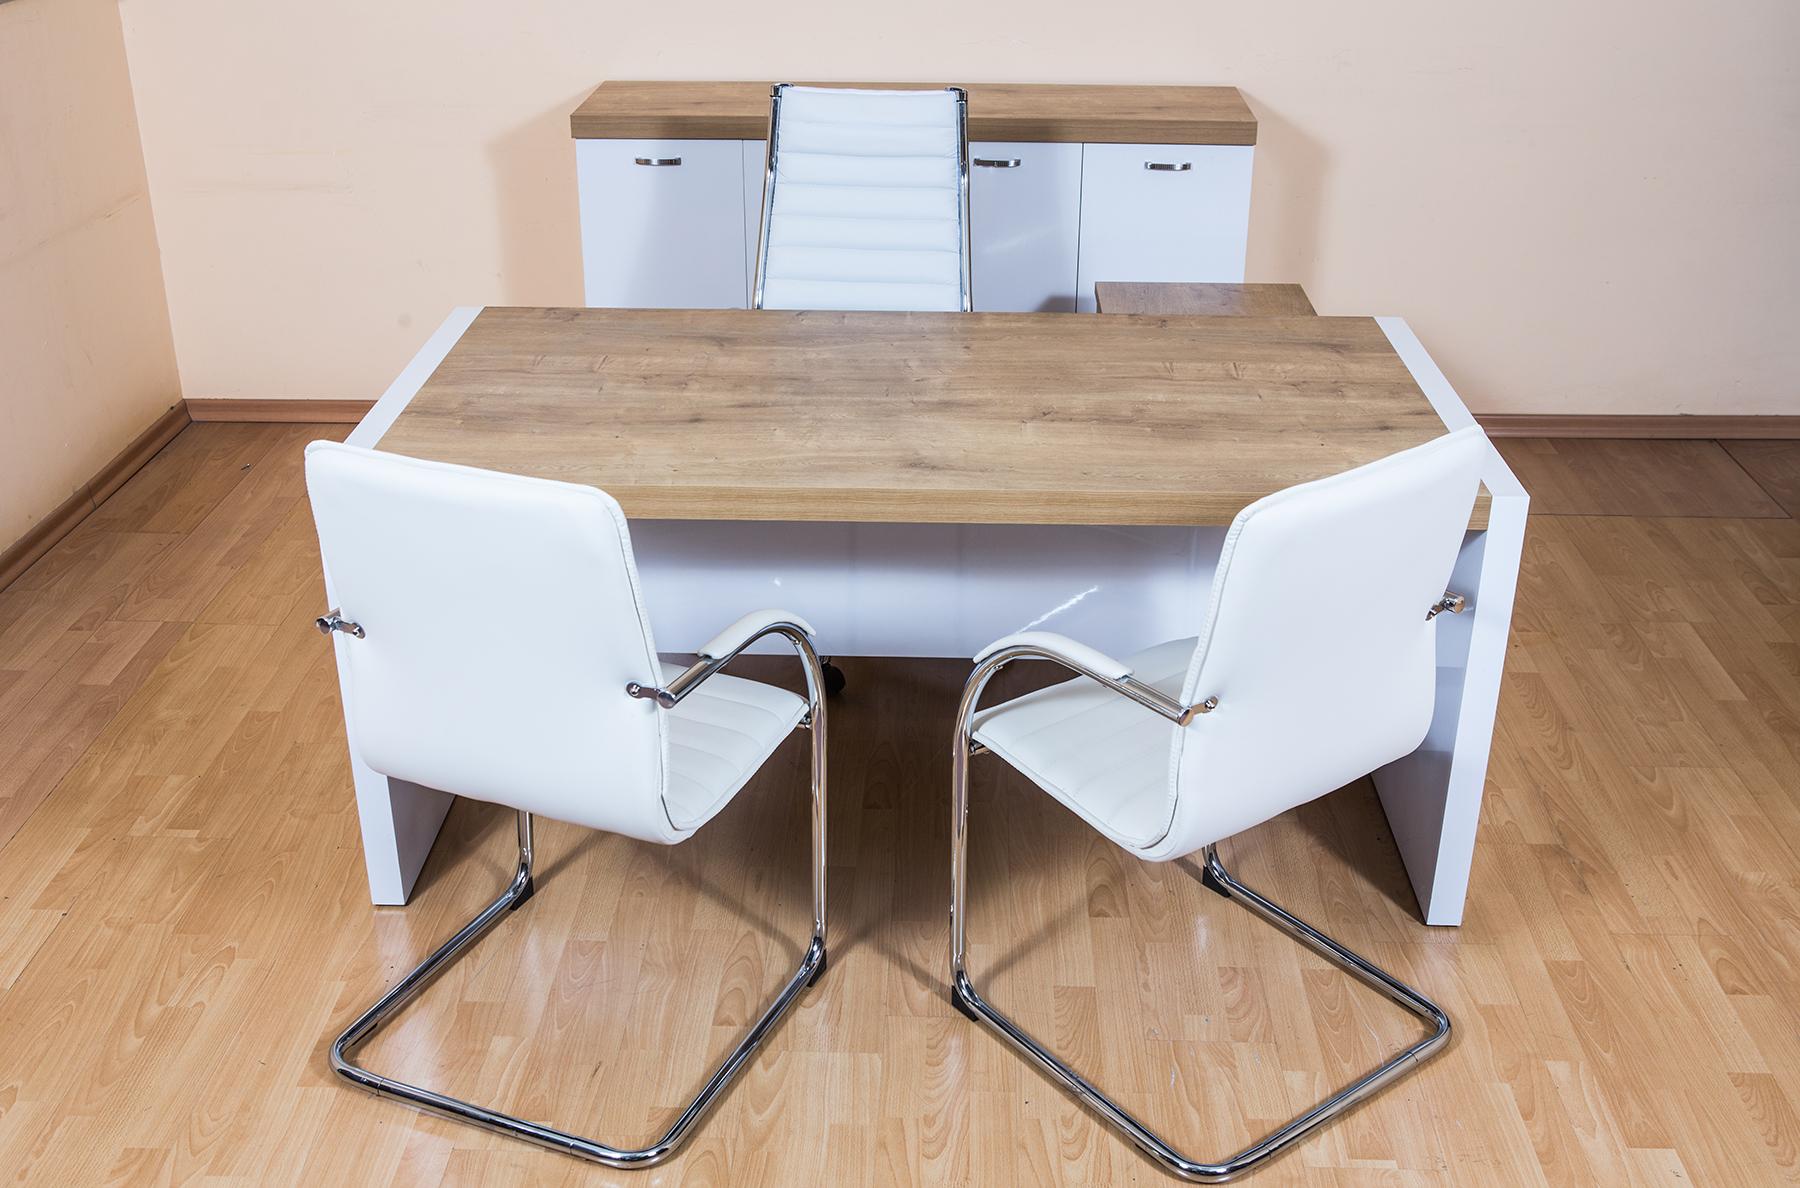 שולחן מנהל דגם נפטון עם שלוחה תמונה קידמית